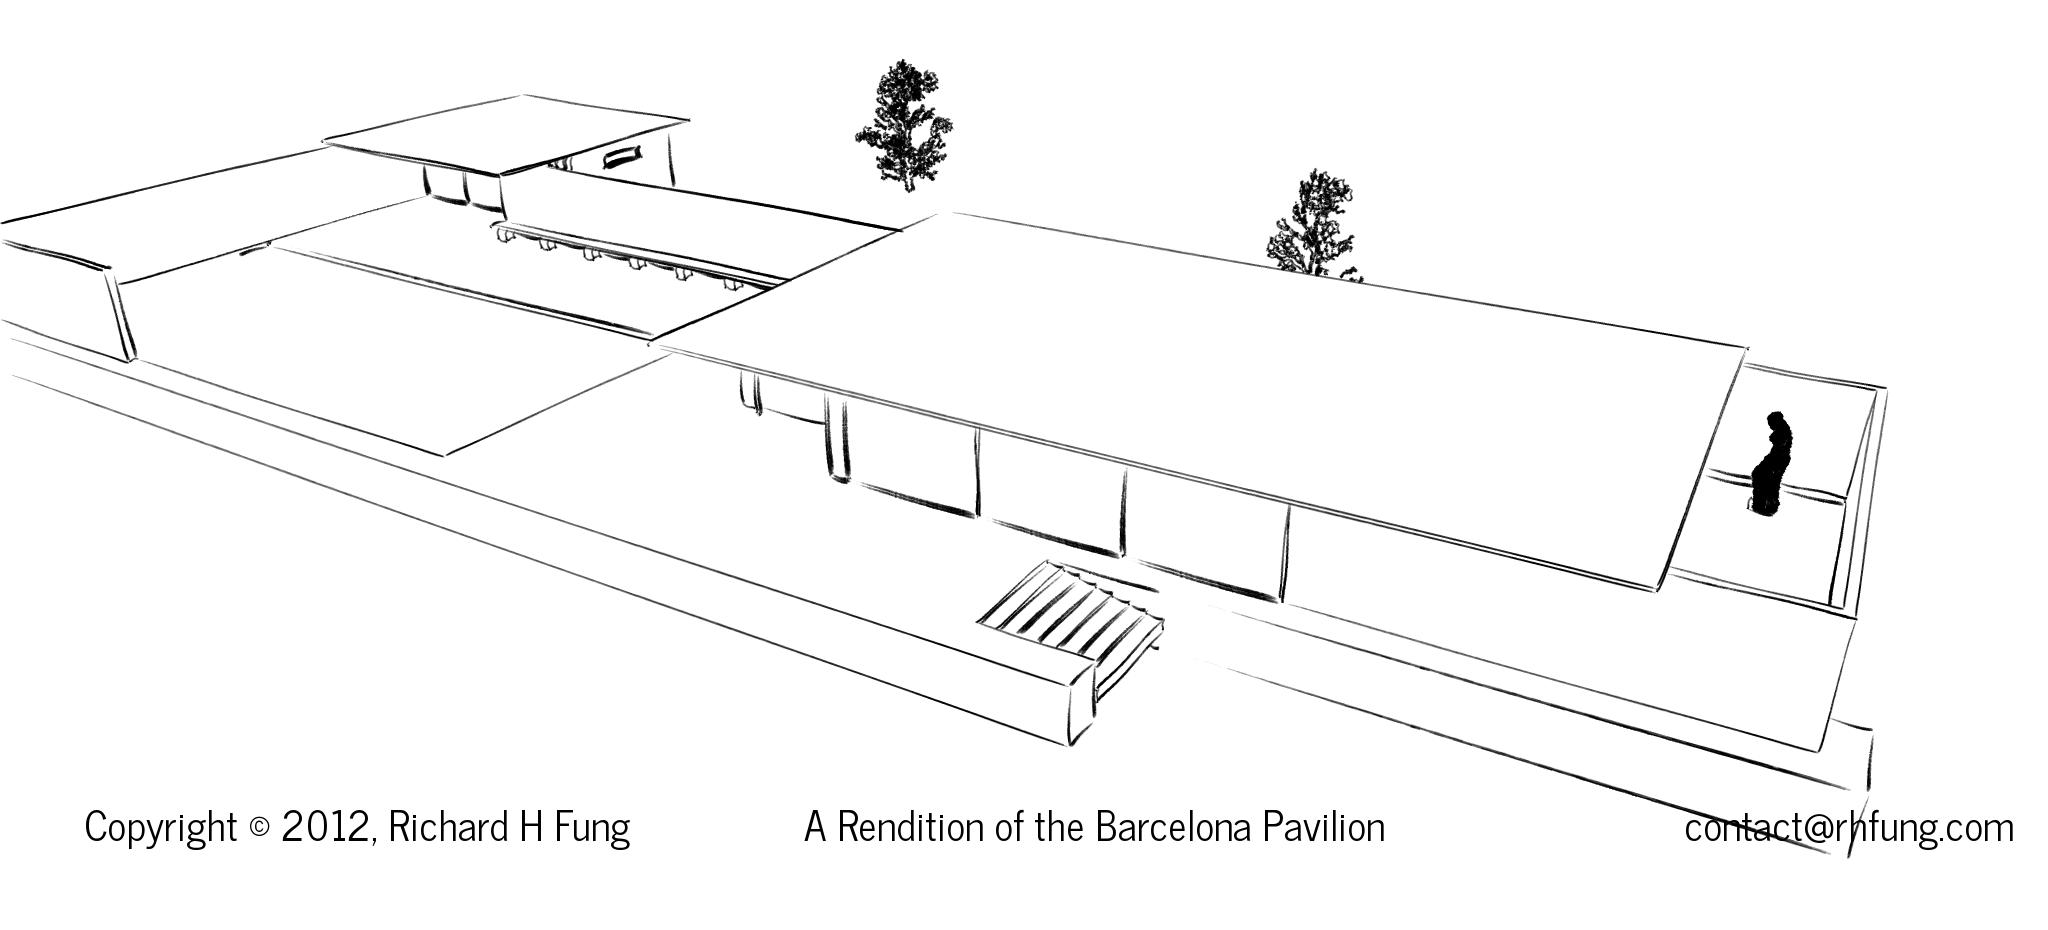 Barcelona pavilion exterior - Flyover